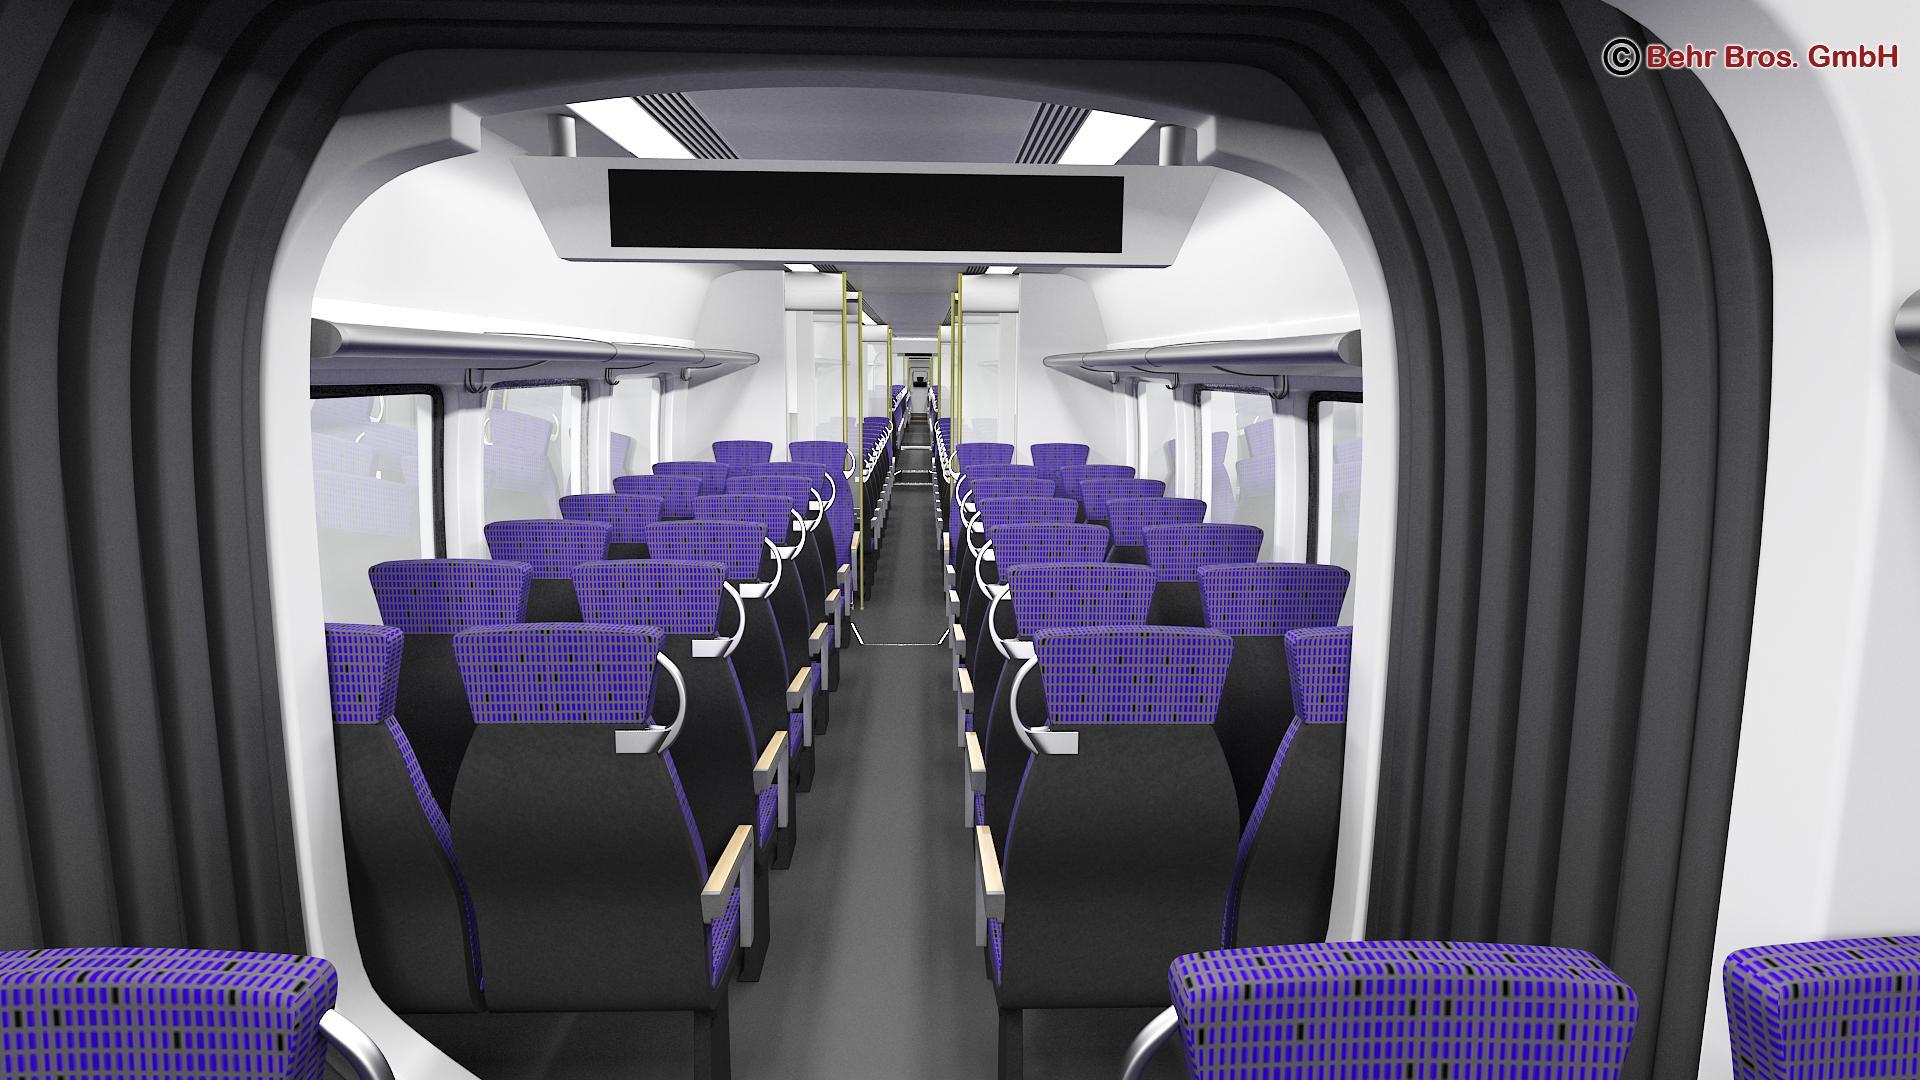 generic commuter train 3d model 3ds max fbx c4d ma mb obj 206647